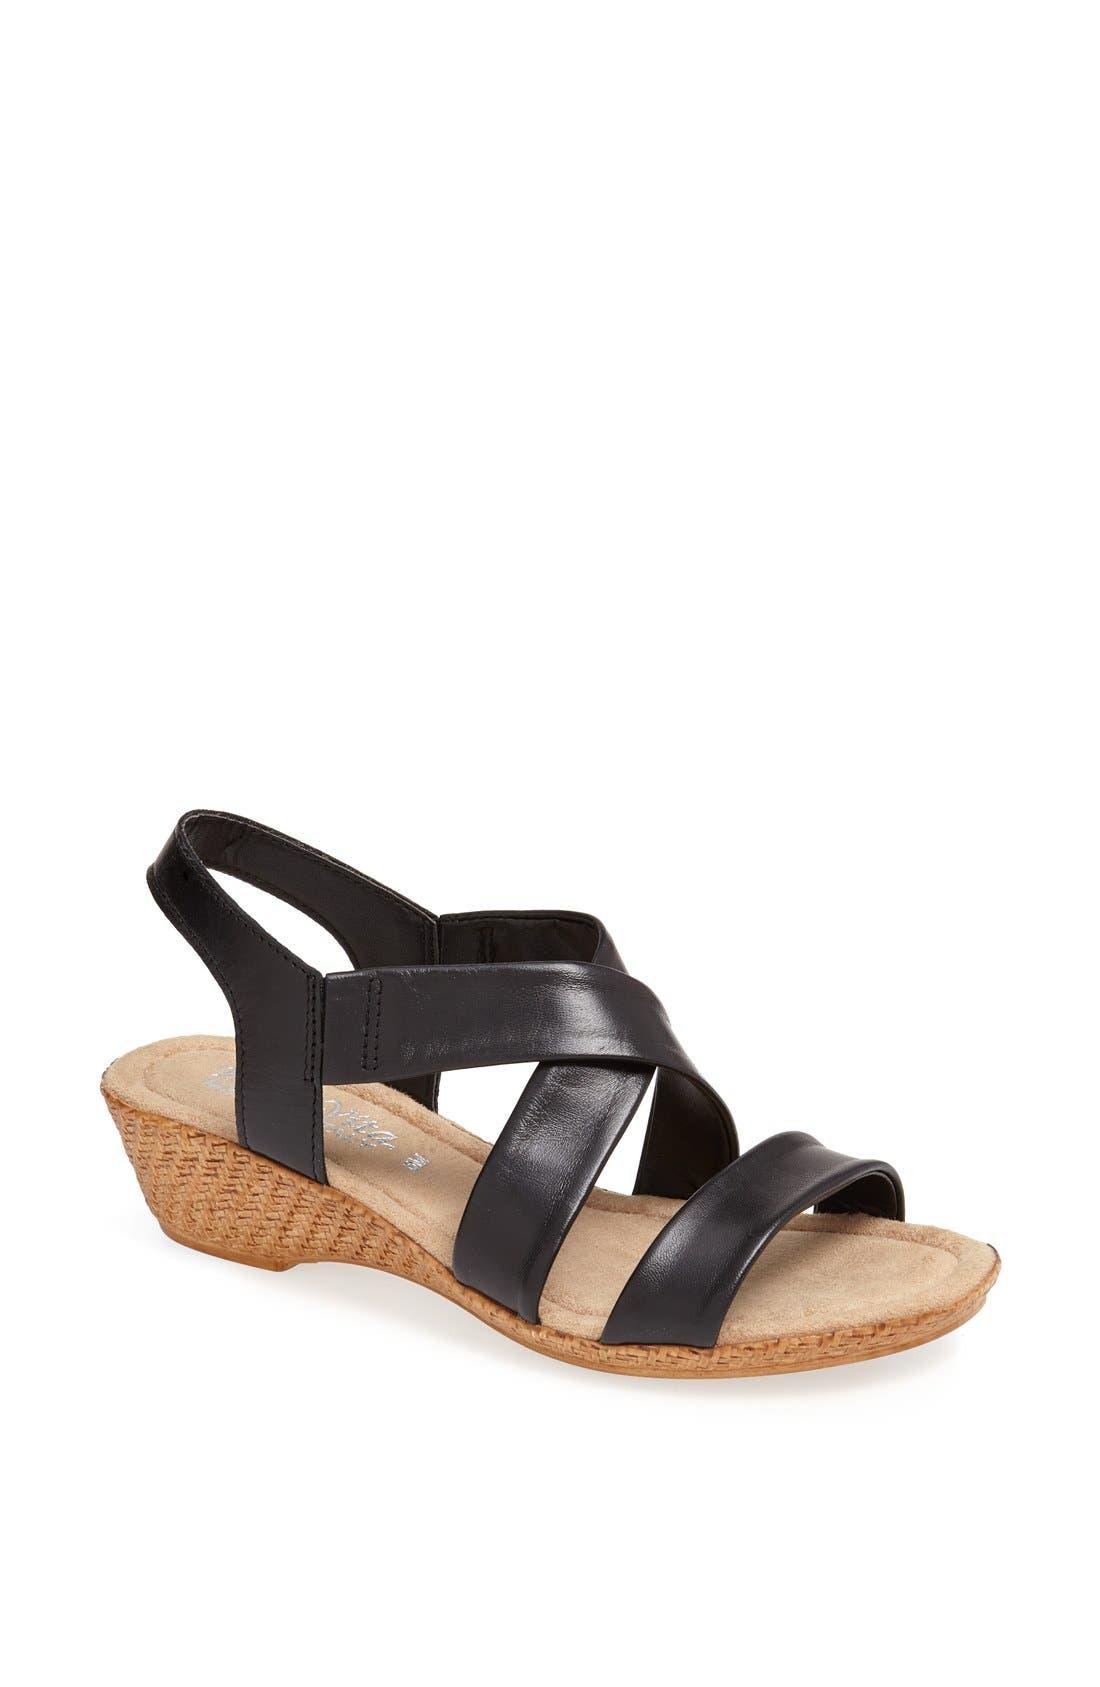 Alternate Image 1 Selected - Bella Vita 'Ciao' Wedge Sandal